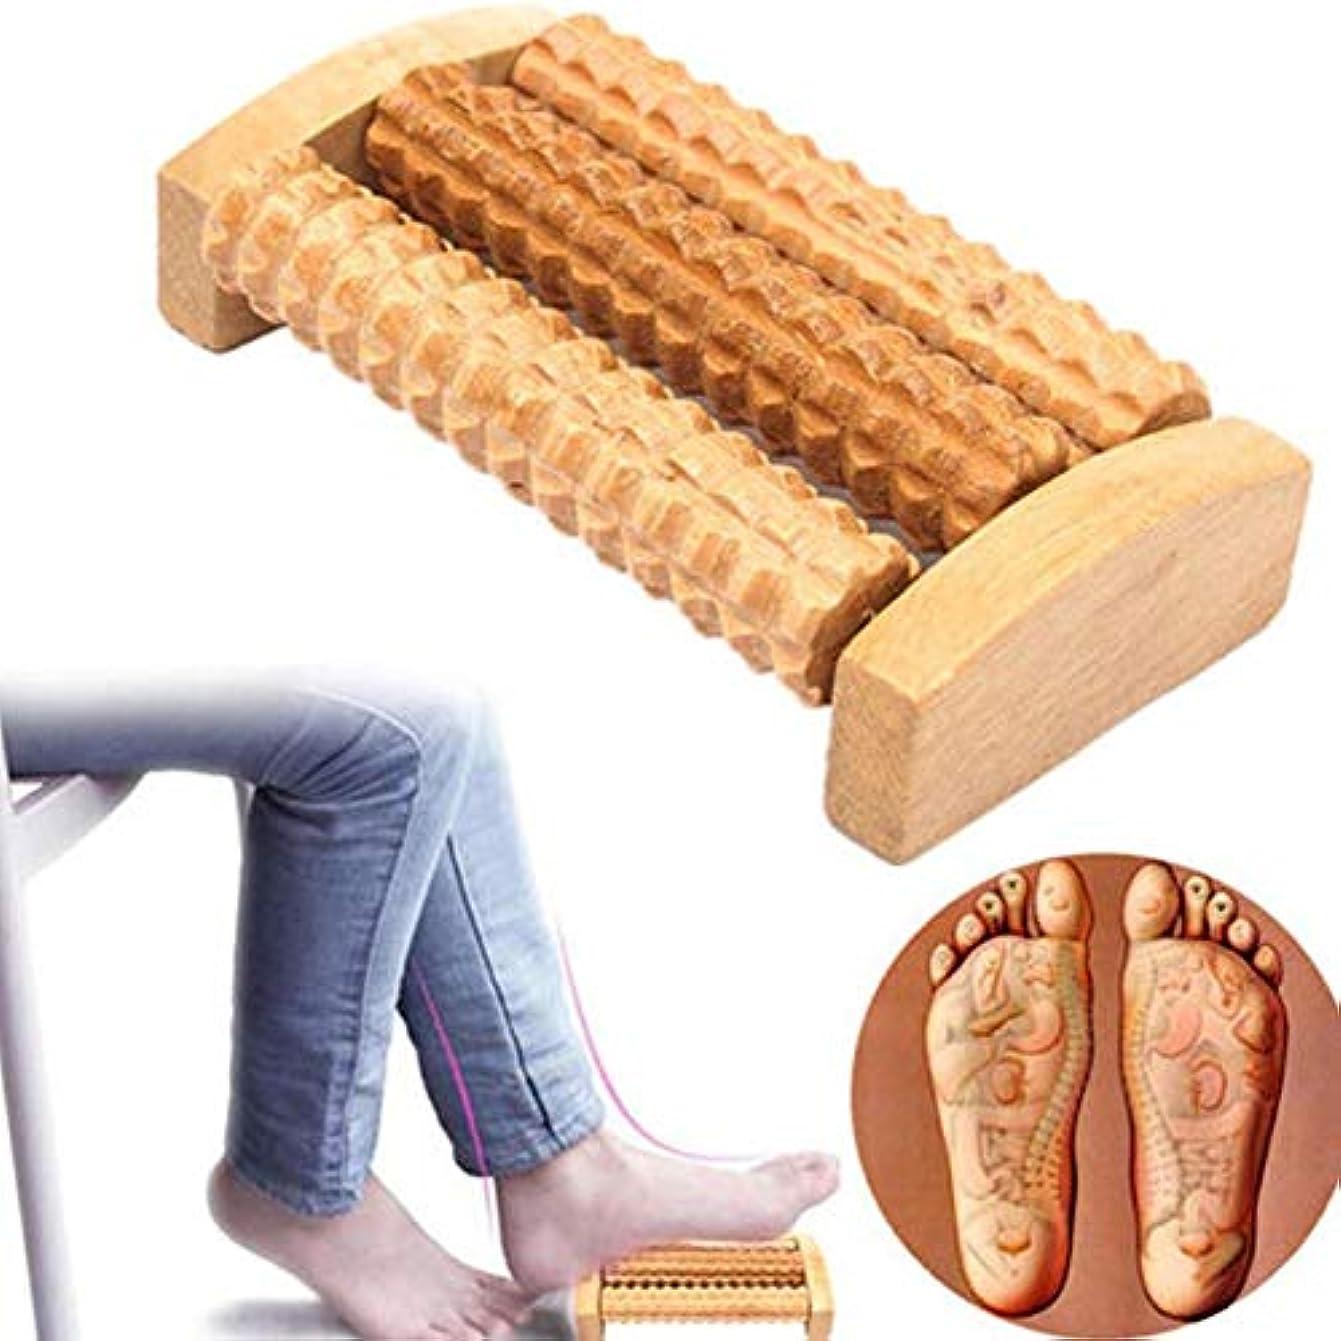 者人間ばかげている木製フットマッサージャー高品質木製 5 行応力除去治療リラックスマッサージローラー健康 足ケアマッサージツール